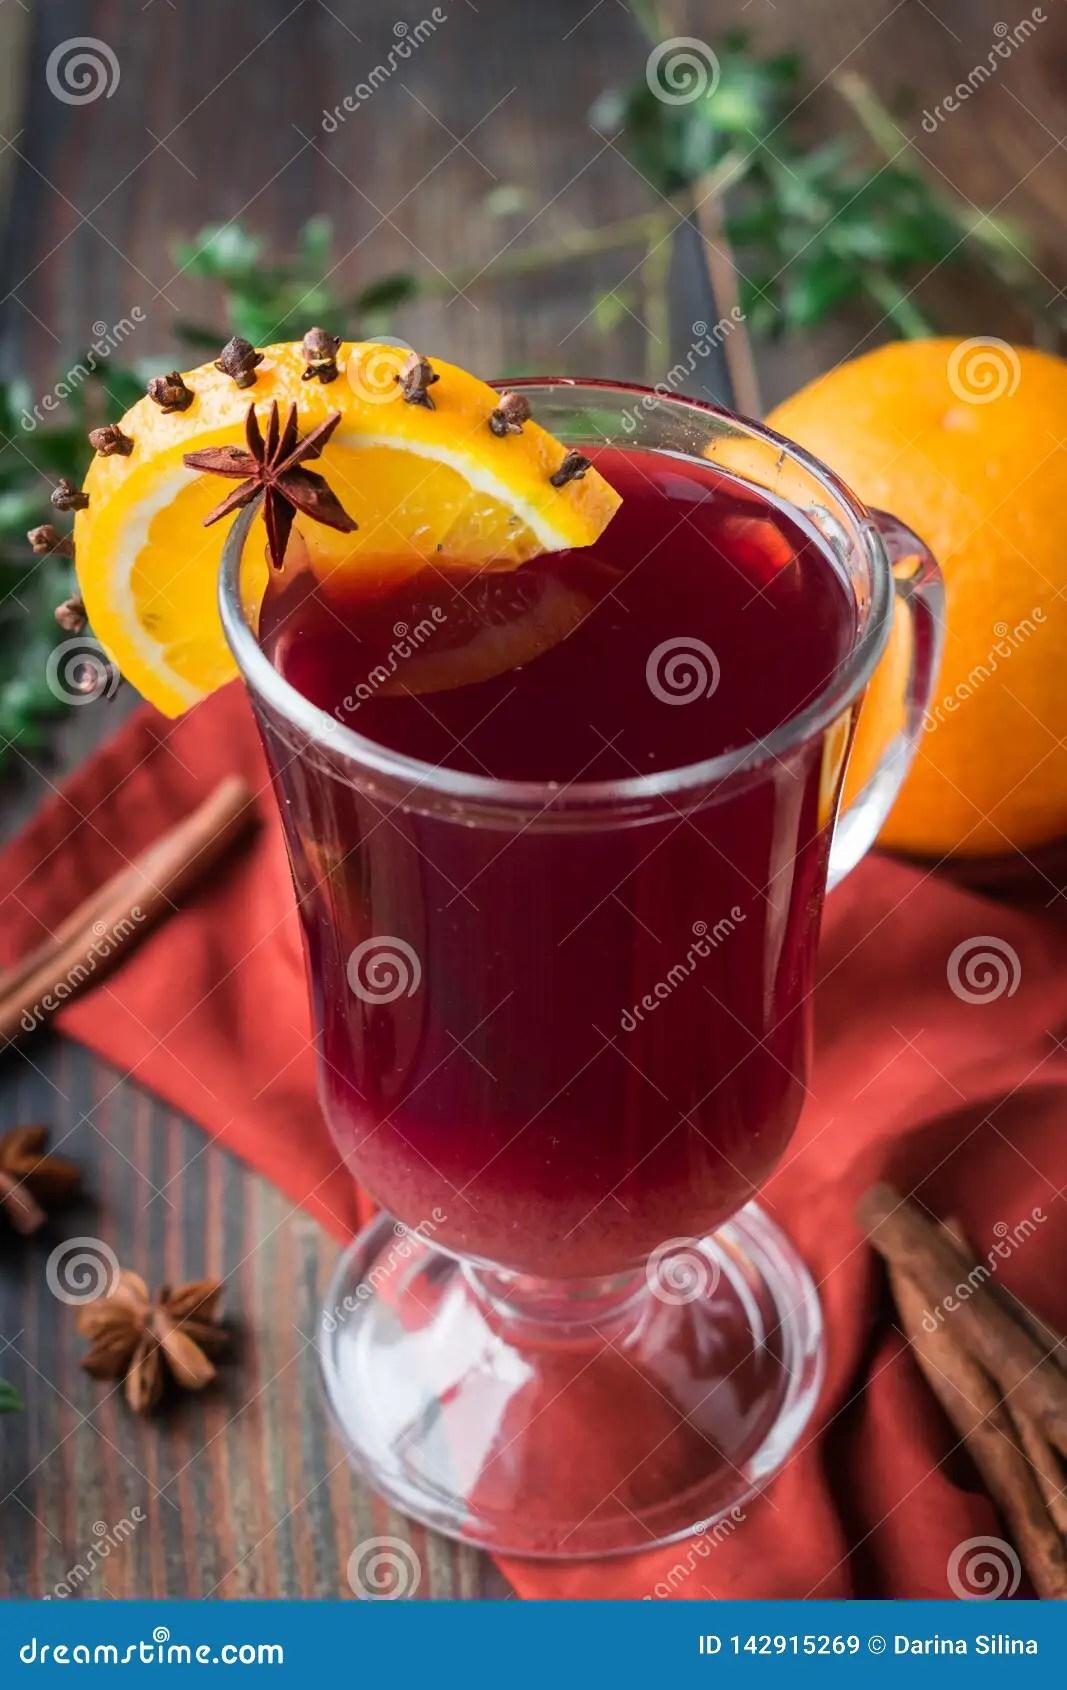 Vin Chaud Sans Alcool : chaud, alcool, Chaud, Alcool, Raisins, L'orange, épices, Gobelet, Verre, Image, Stock, Orange,, Doux:, 142915269